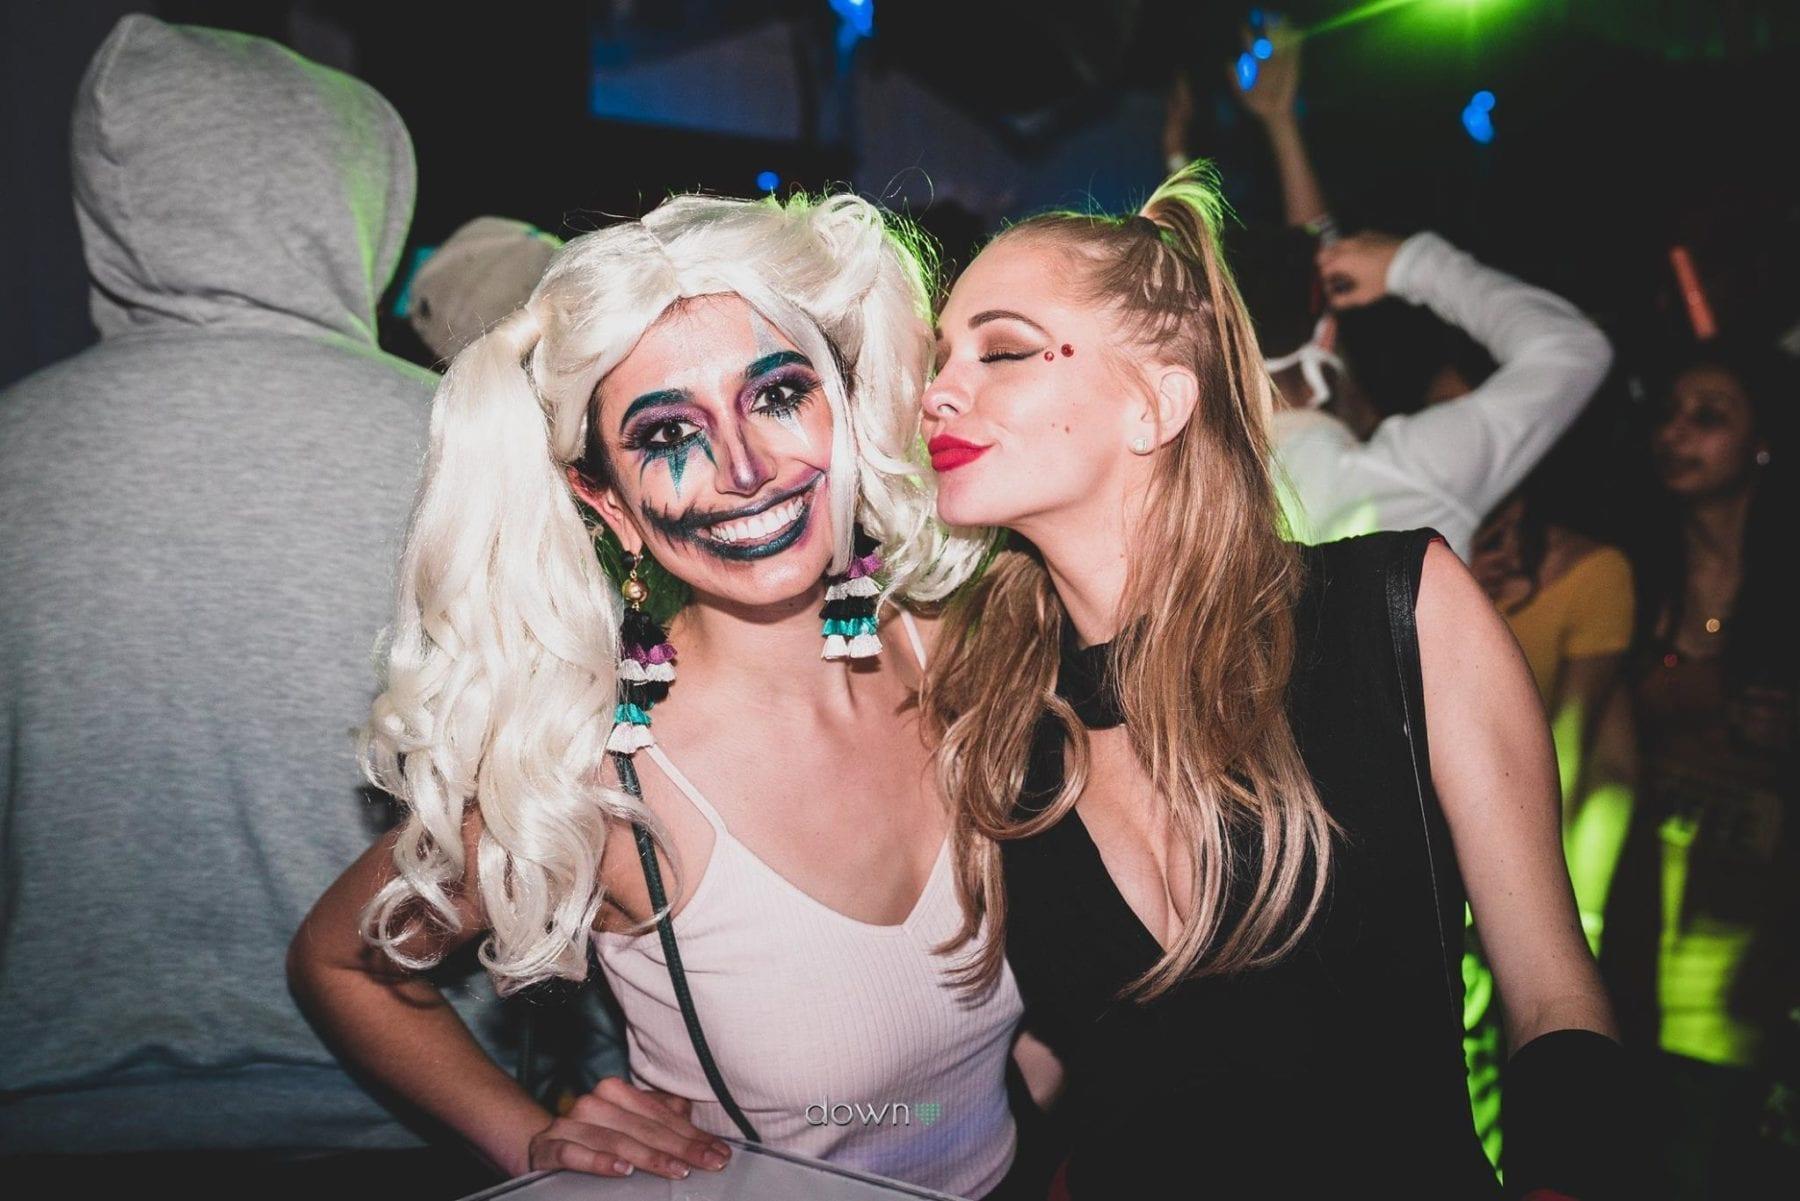 NIGHTMARE IN LIVERPOOL - Liverpool's WILDEST Halloween Party